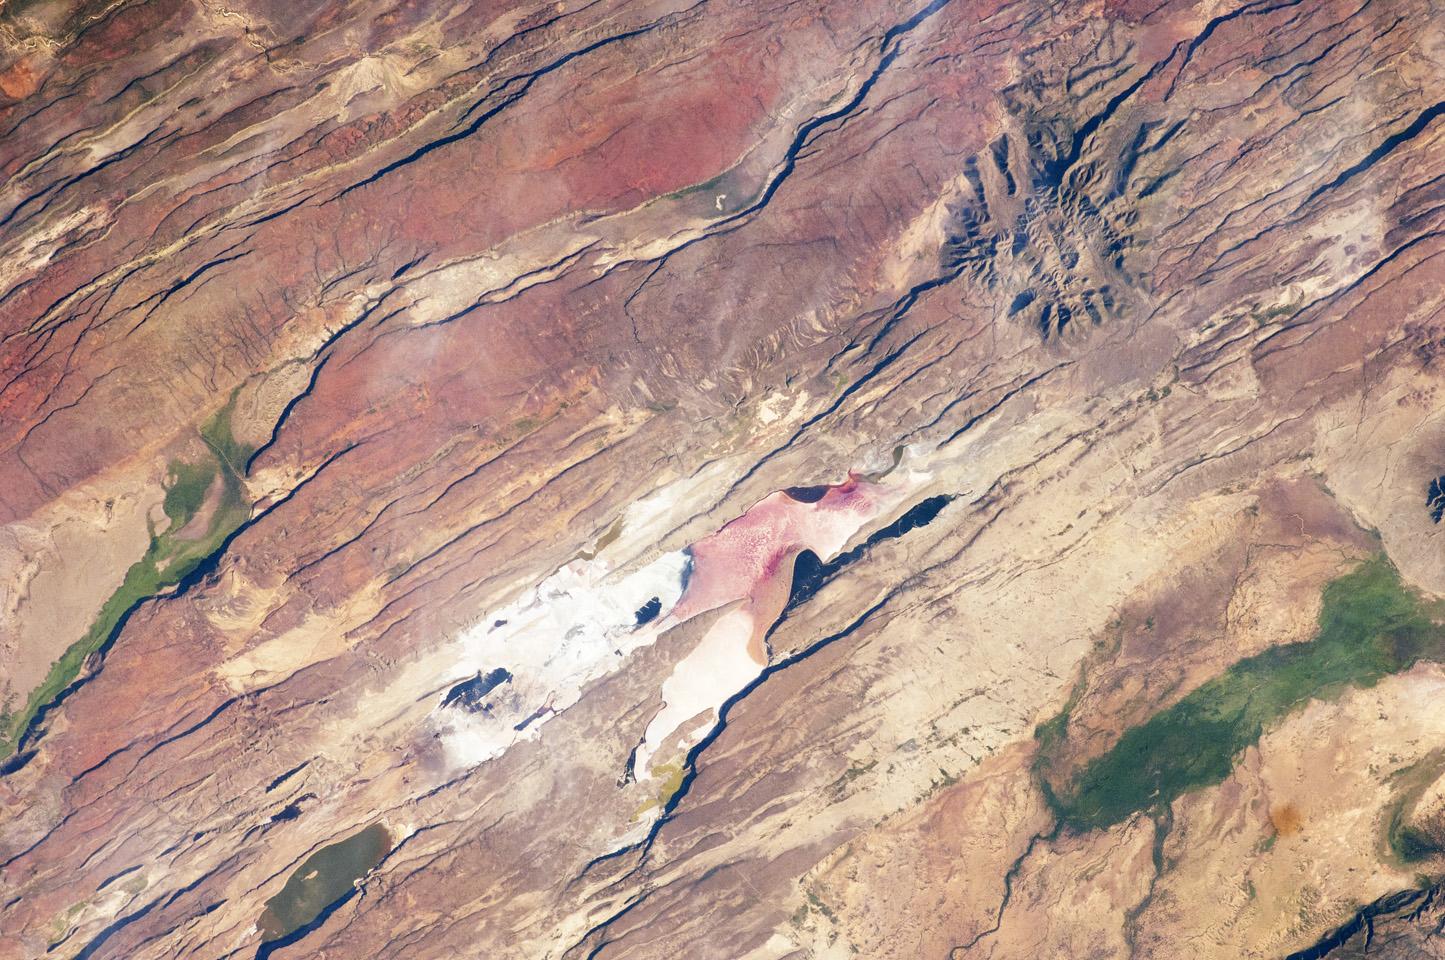 East African Rift Valley Kenya